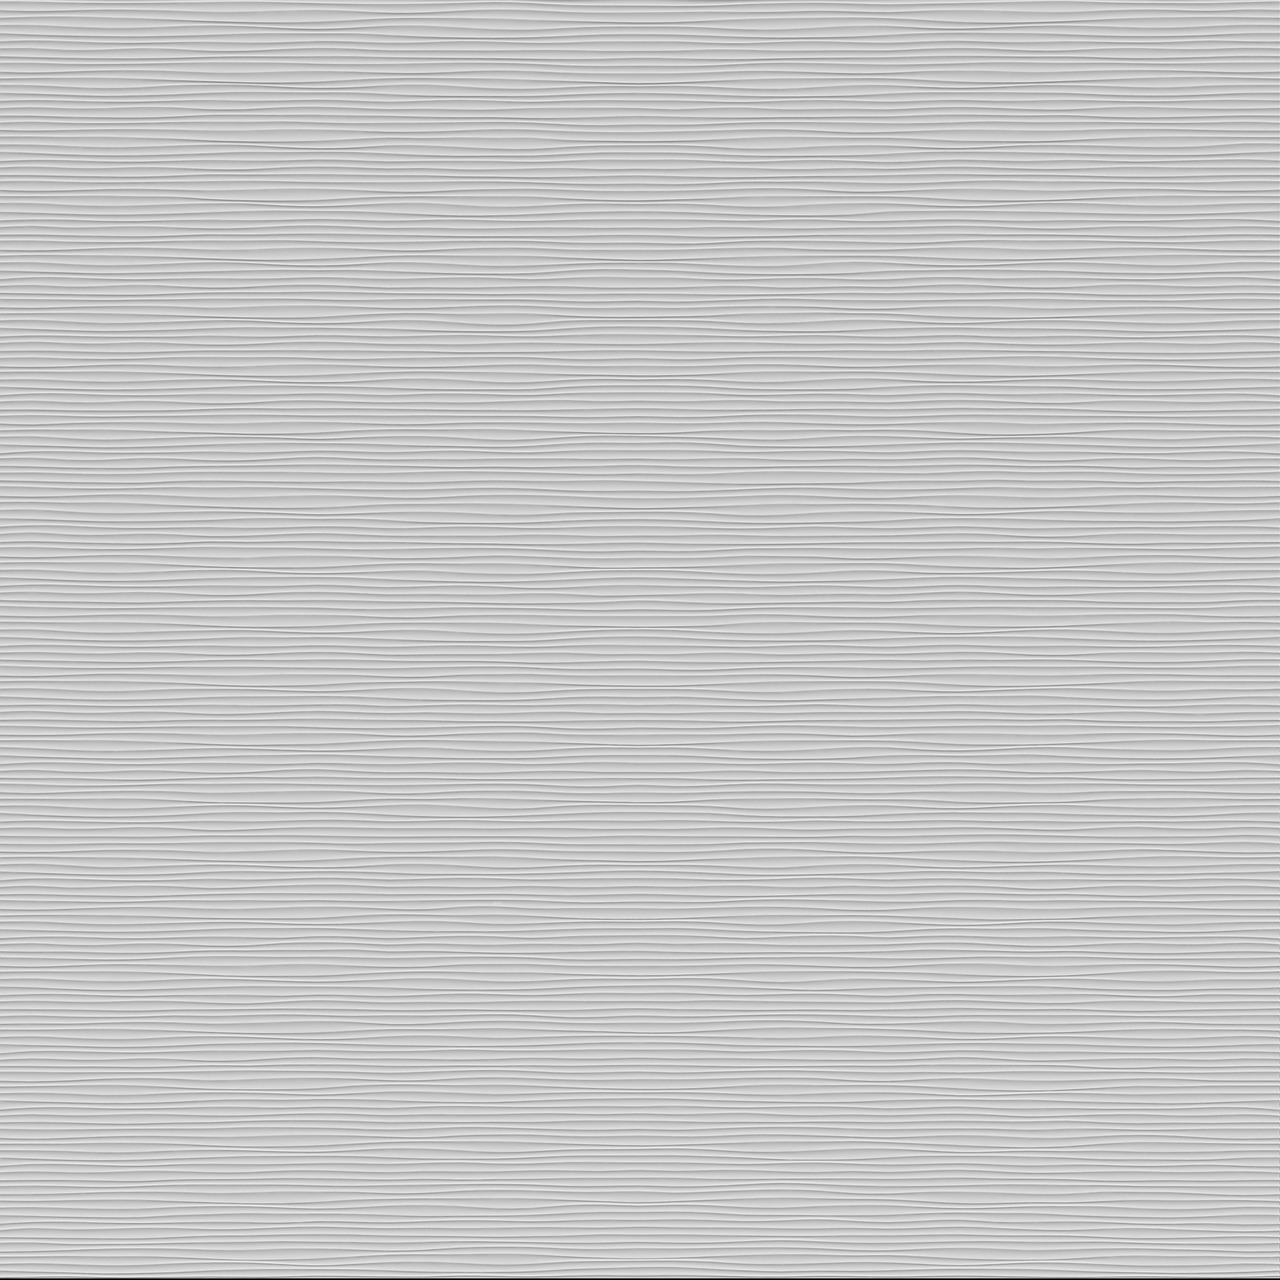 texture-1027745_1280